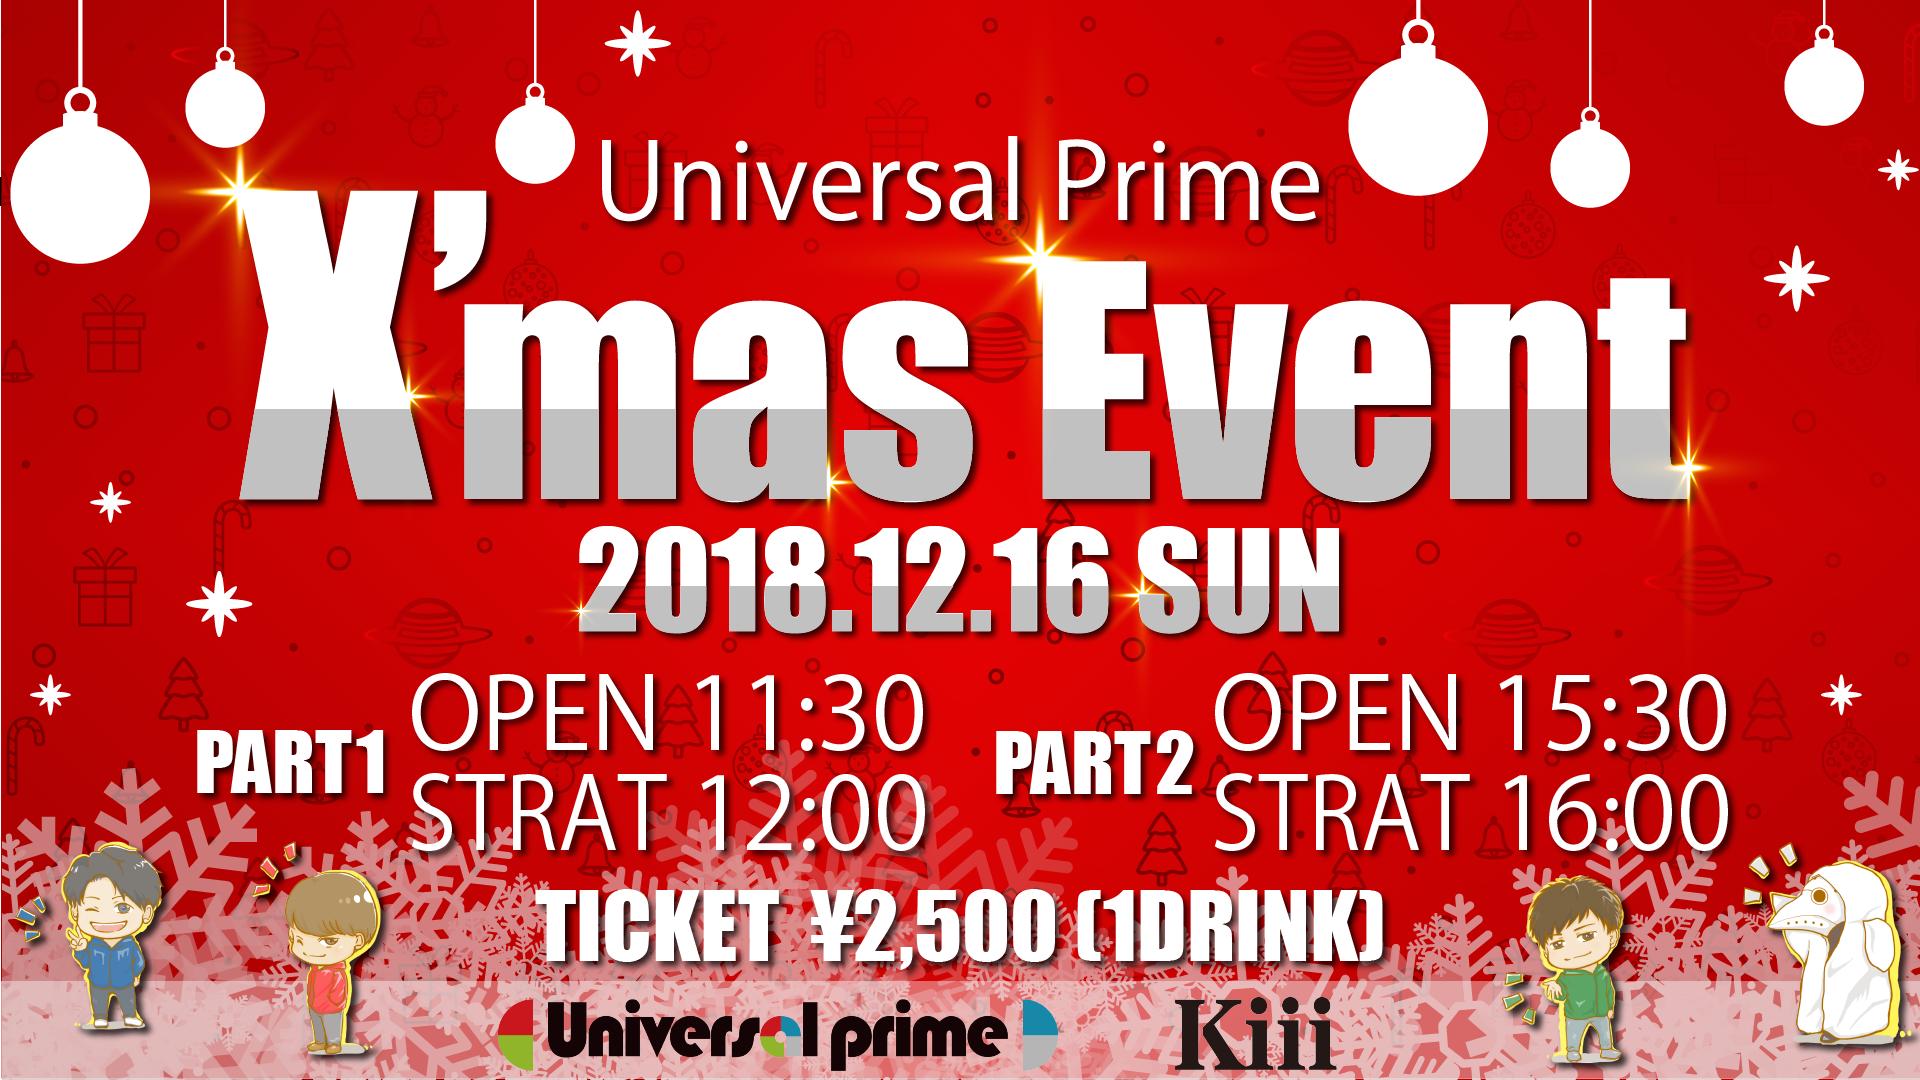 ユニバーサルプライム こぼ生誕祭&クリスマスイベント